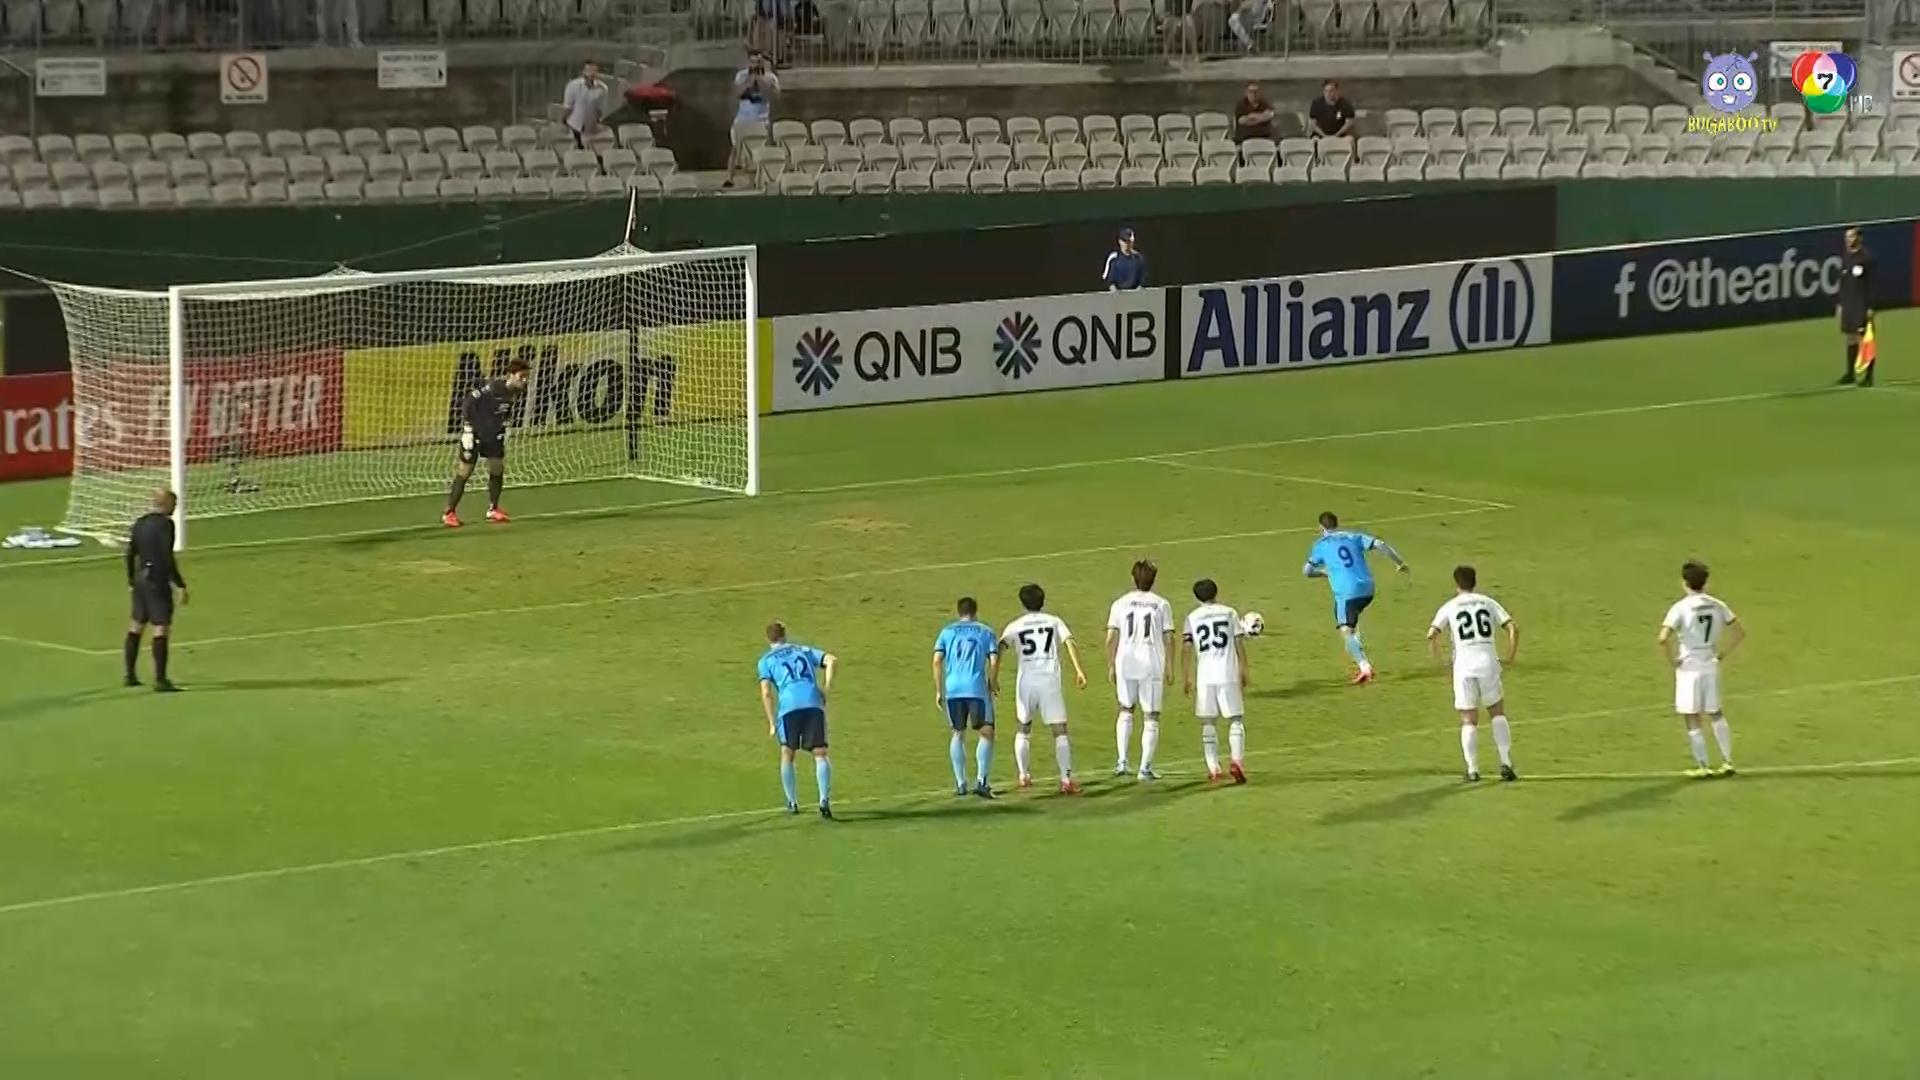 ไฮไลต์ ซิดนีย์ เอฟซี 2-2 ชุนบุค ฮุนได มอเตอร์ส ฟุตบอลเอเอฟซี แชมเปียนส์ลีก 2020